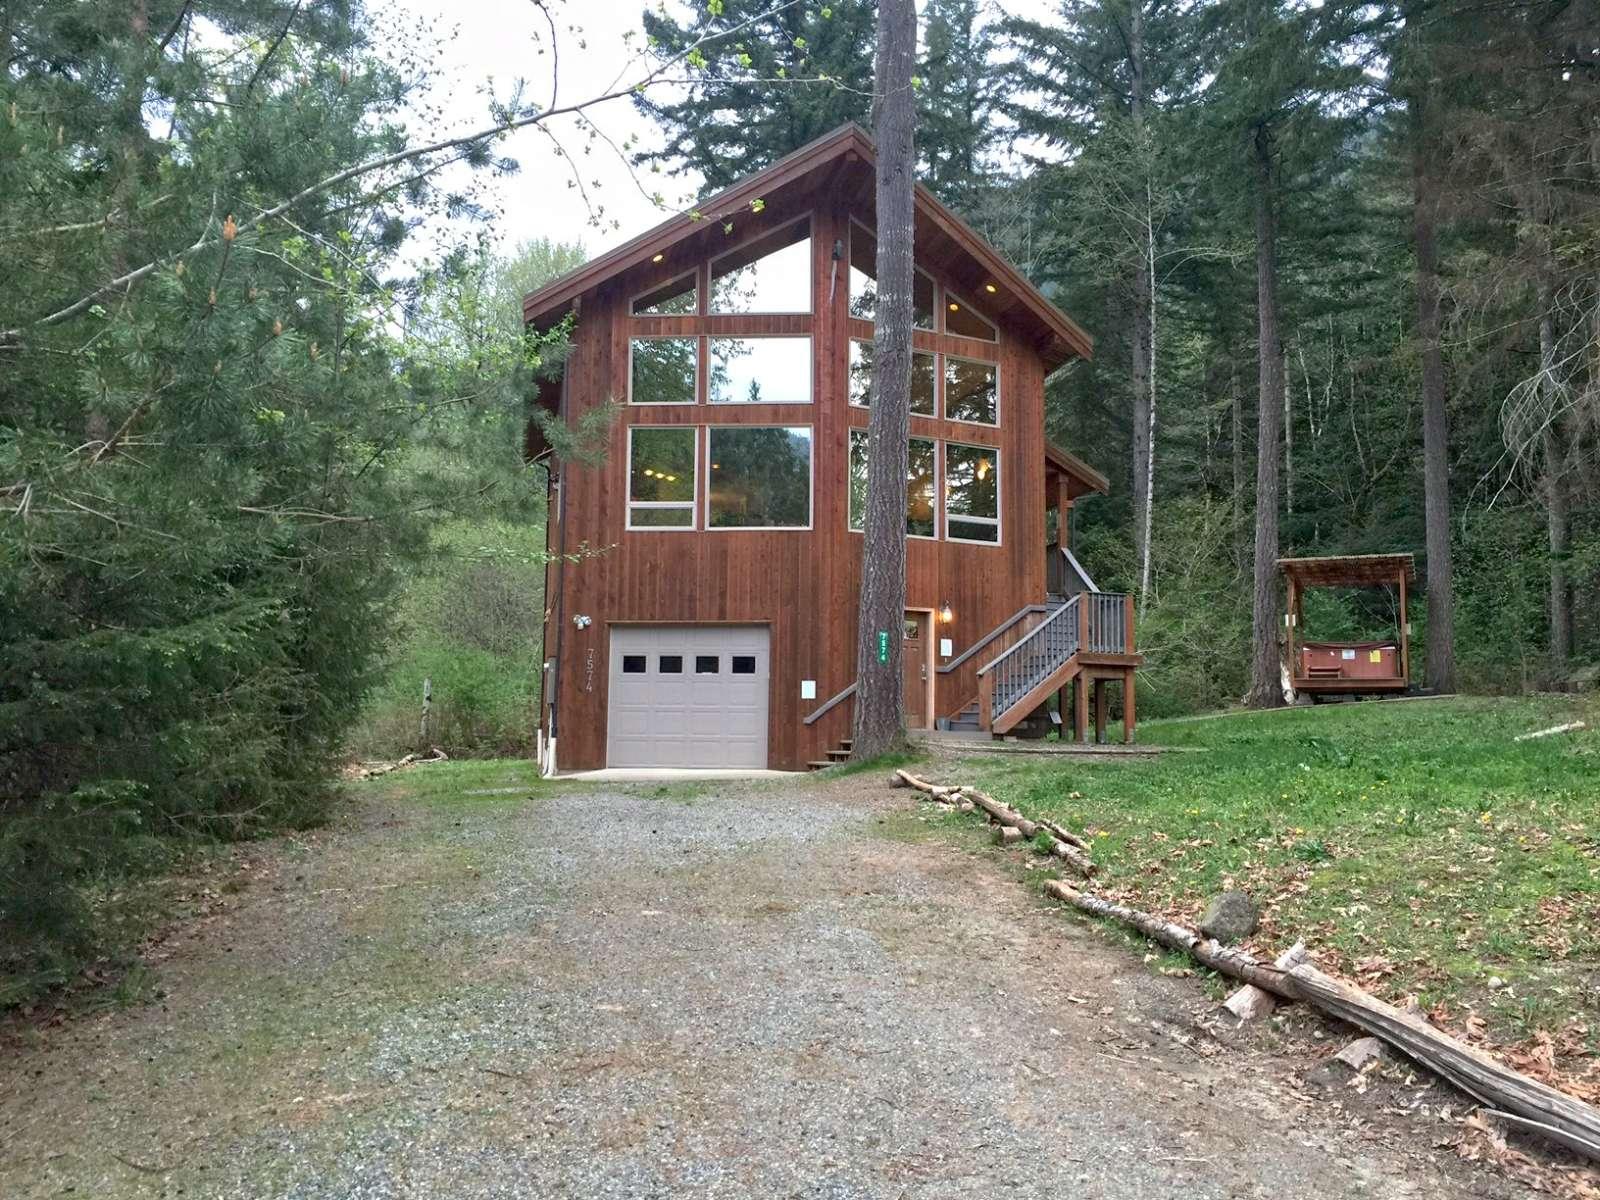 Mt baker lodging cabin 40 mt baker lodging wa 30 for Mount baker cabins